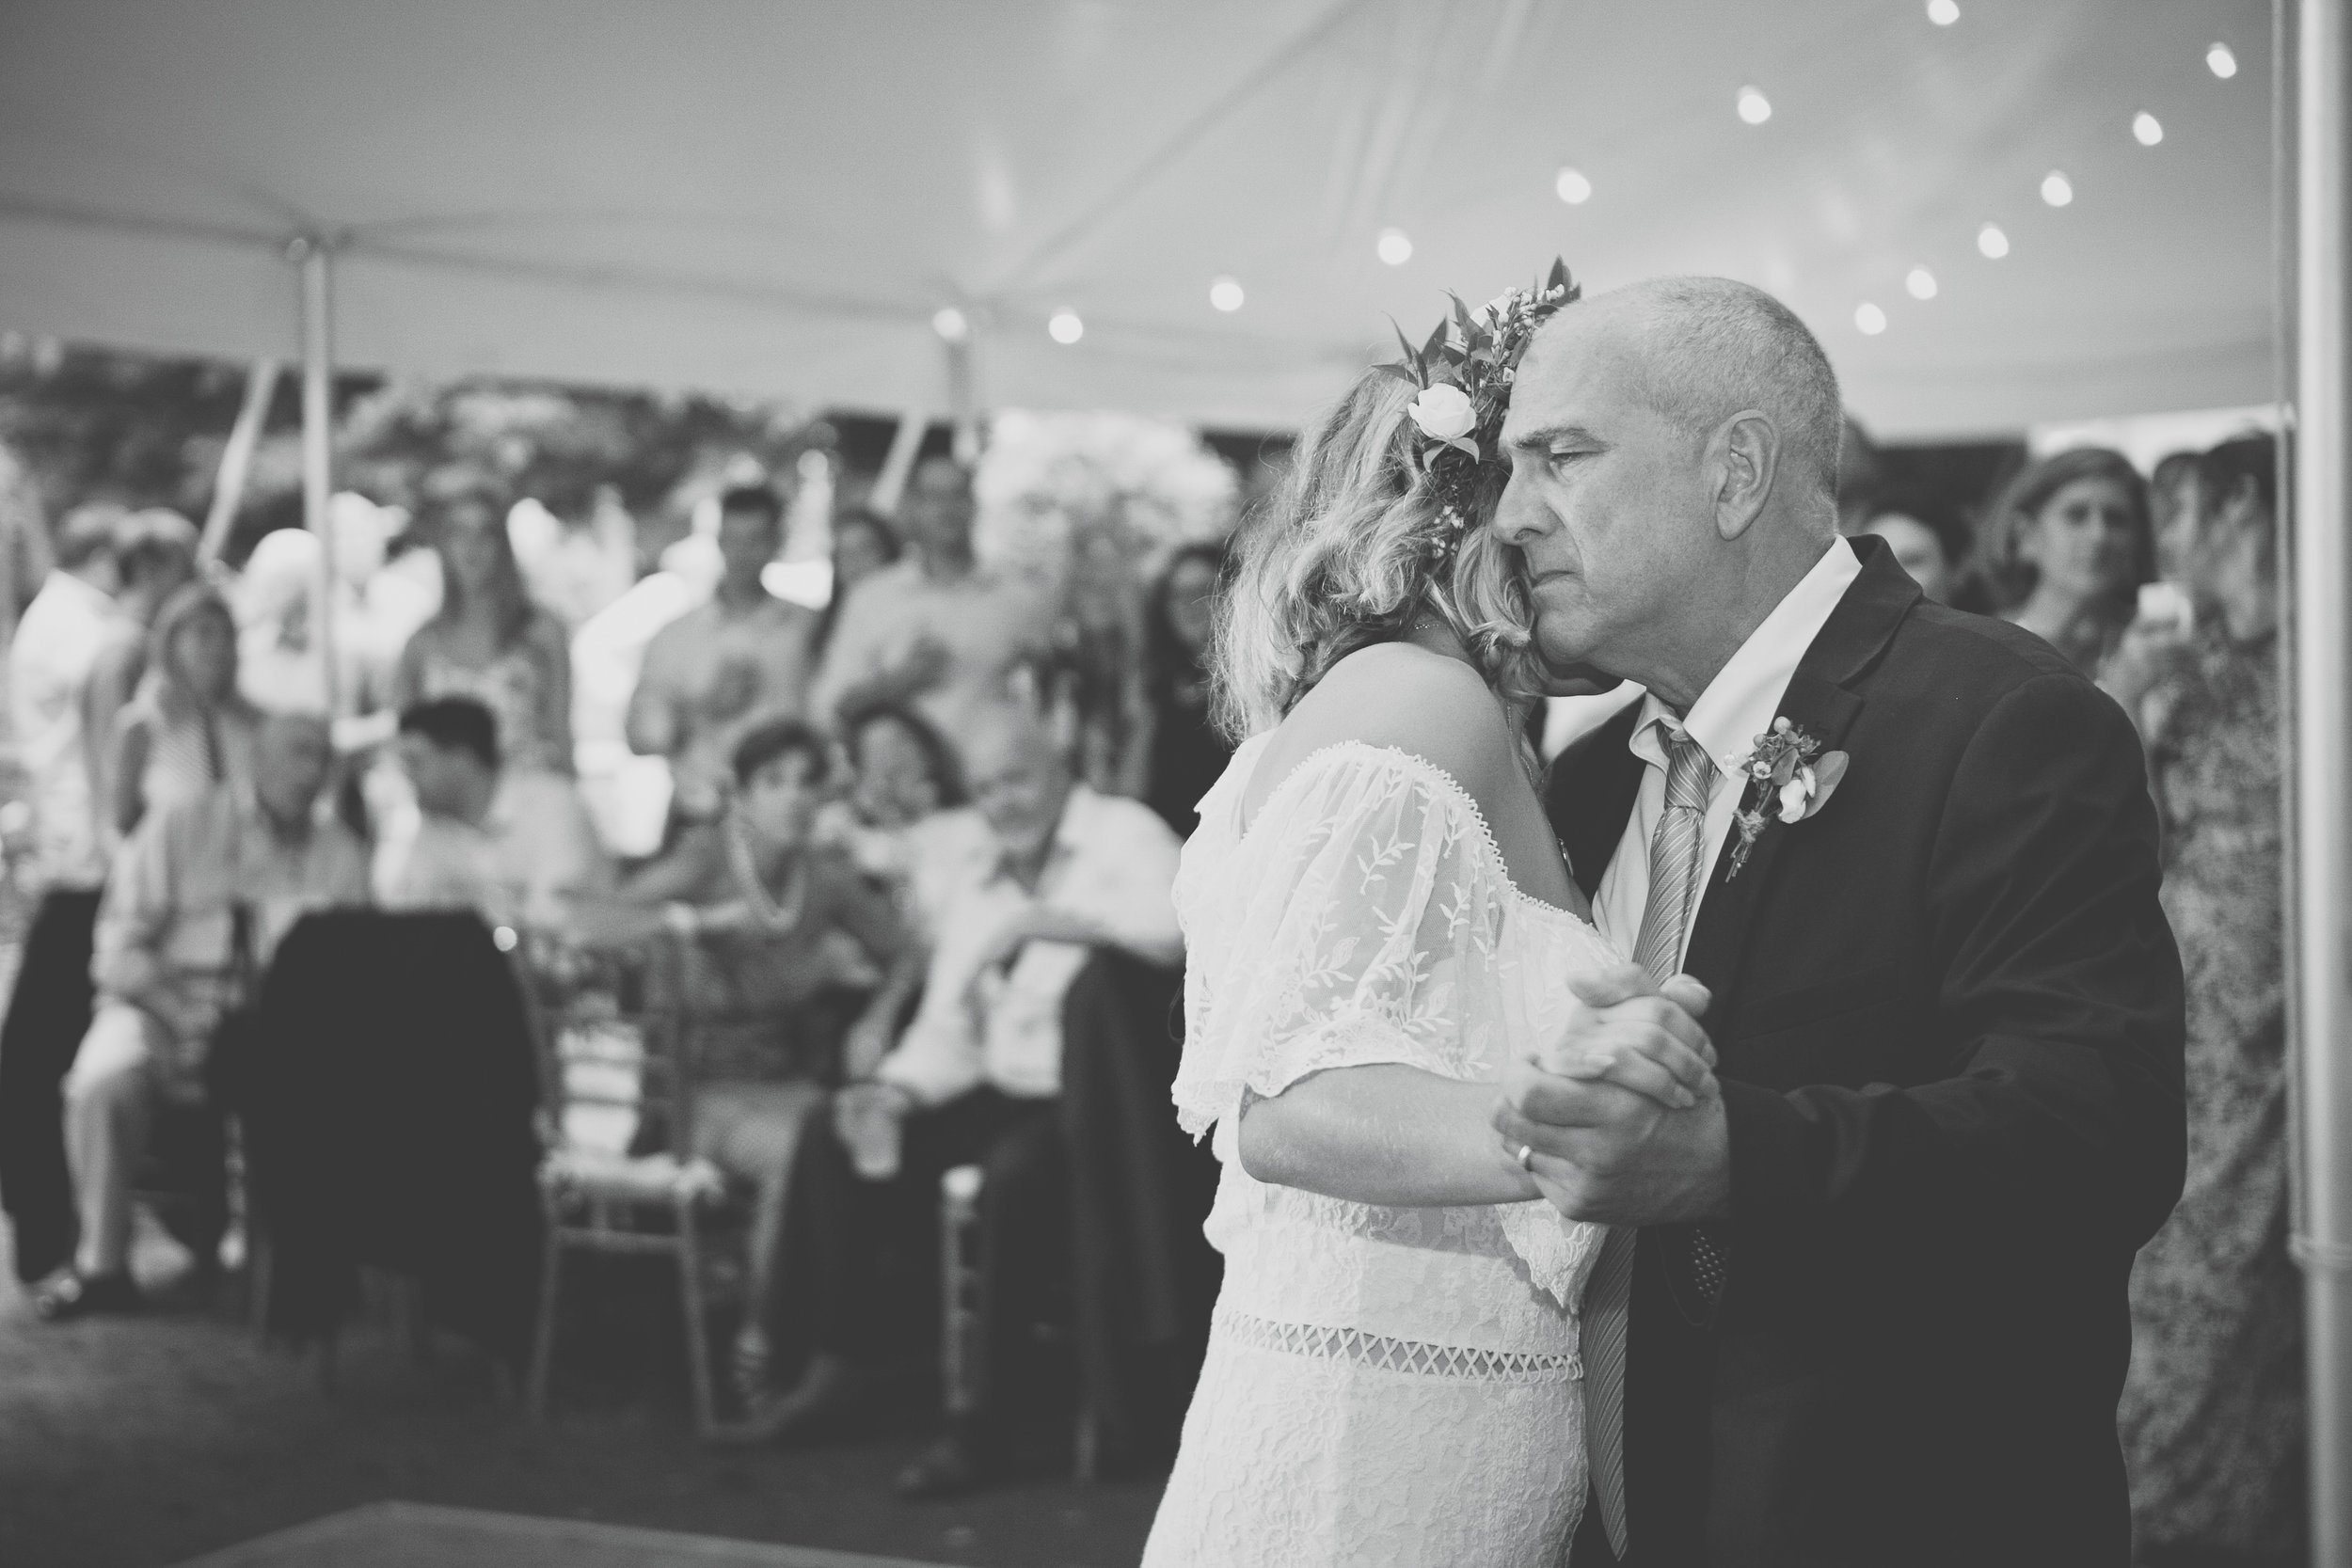 KM Wedding Photos By Lotus Weddings 0905.jpg